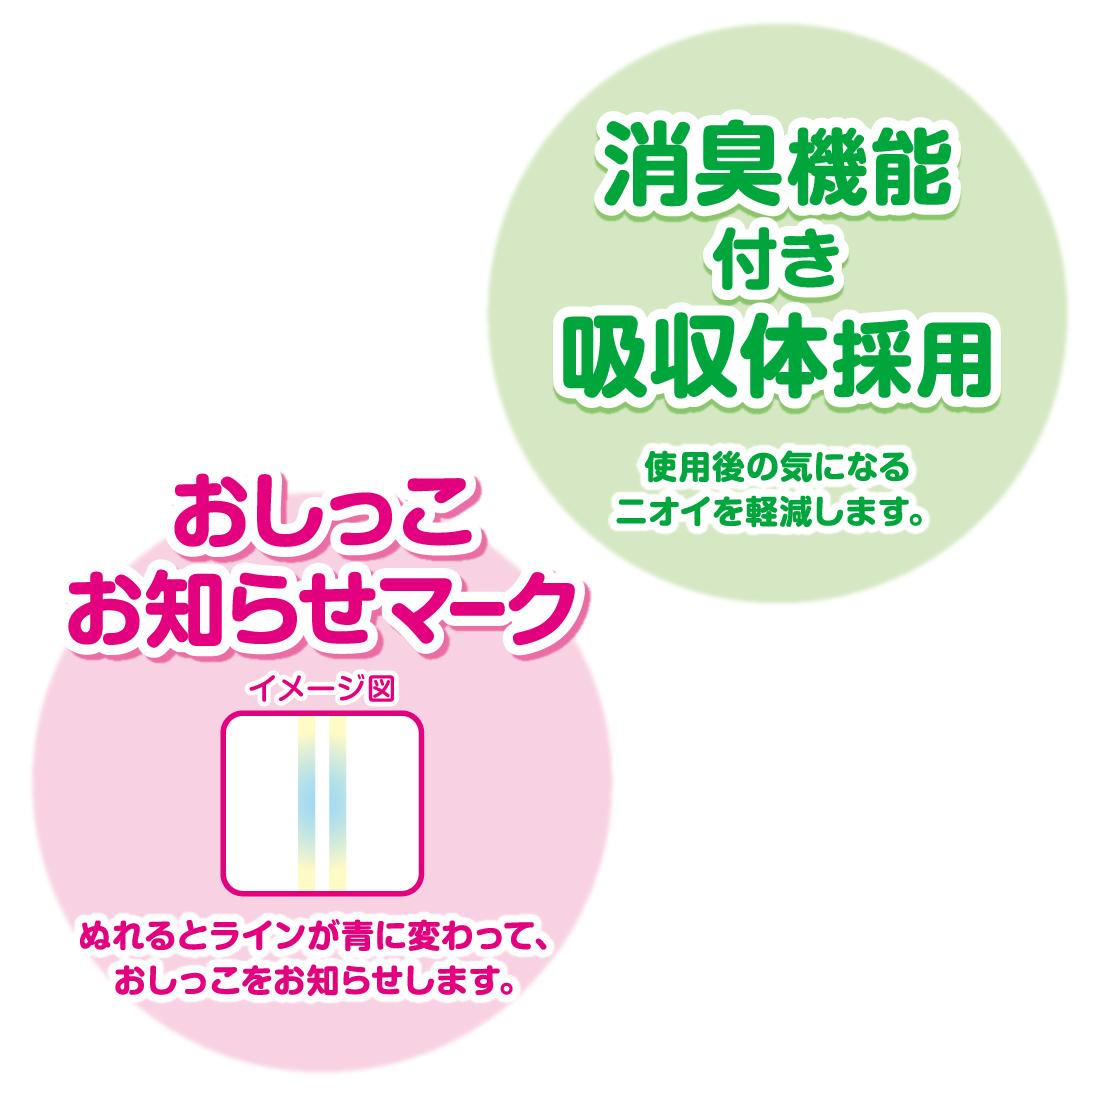 グーン パンツ まっさらさら通気 Sサイズ 76枚×3パック【843007】【ケース販売】